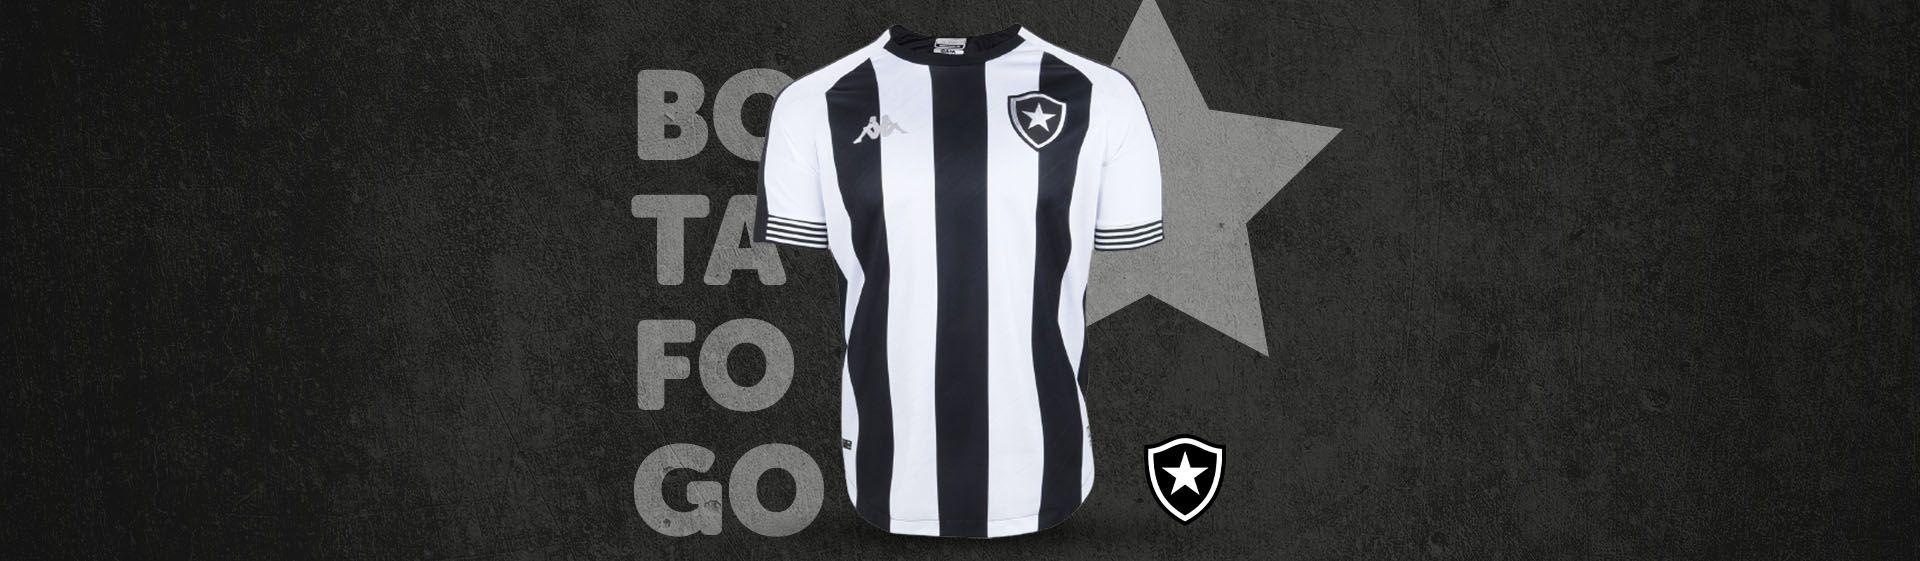 Camisa do Botafogo: camisas do Botafogo para comprar em 2021